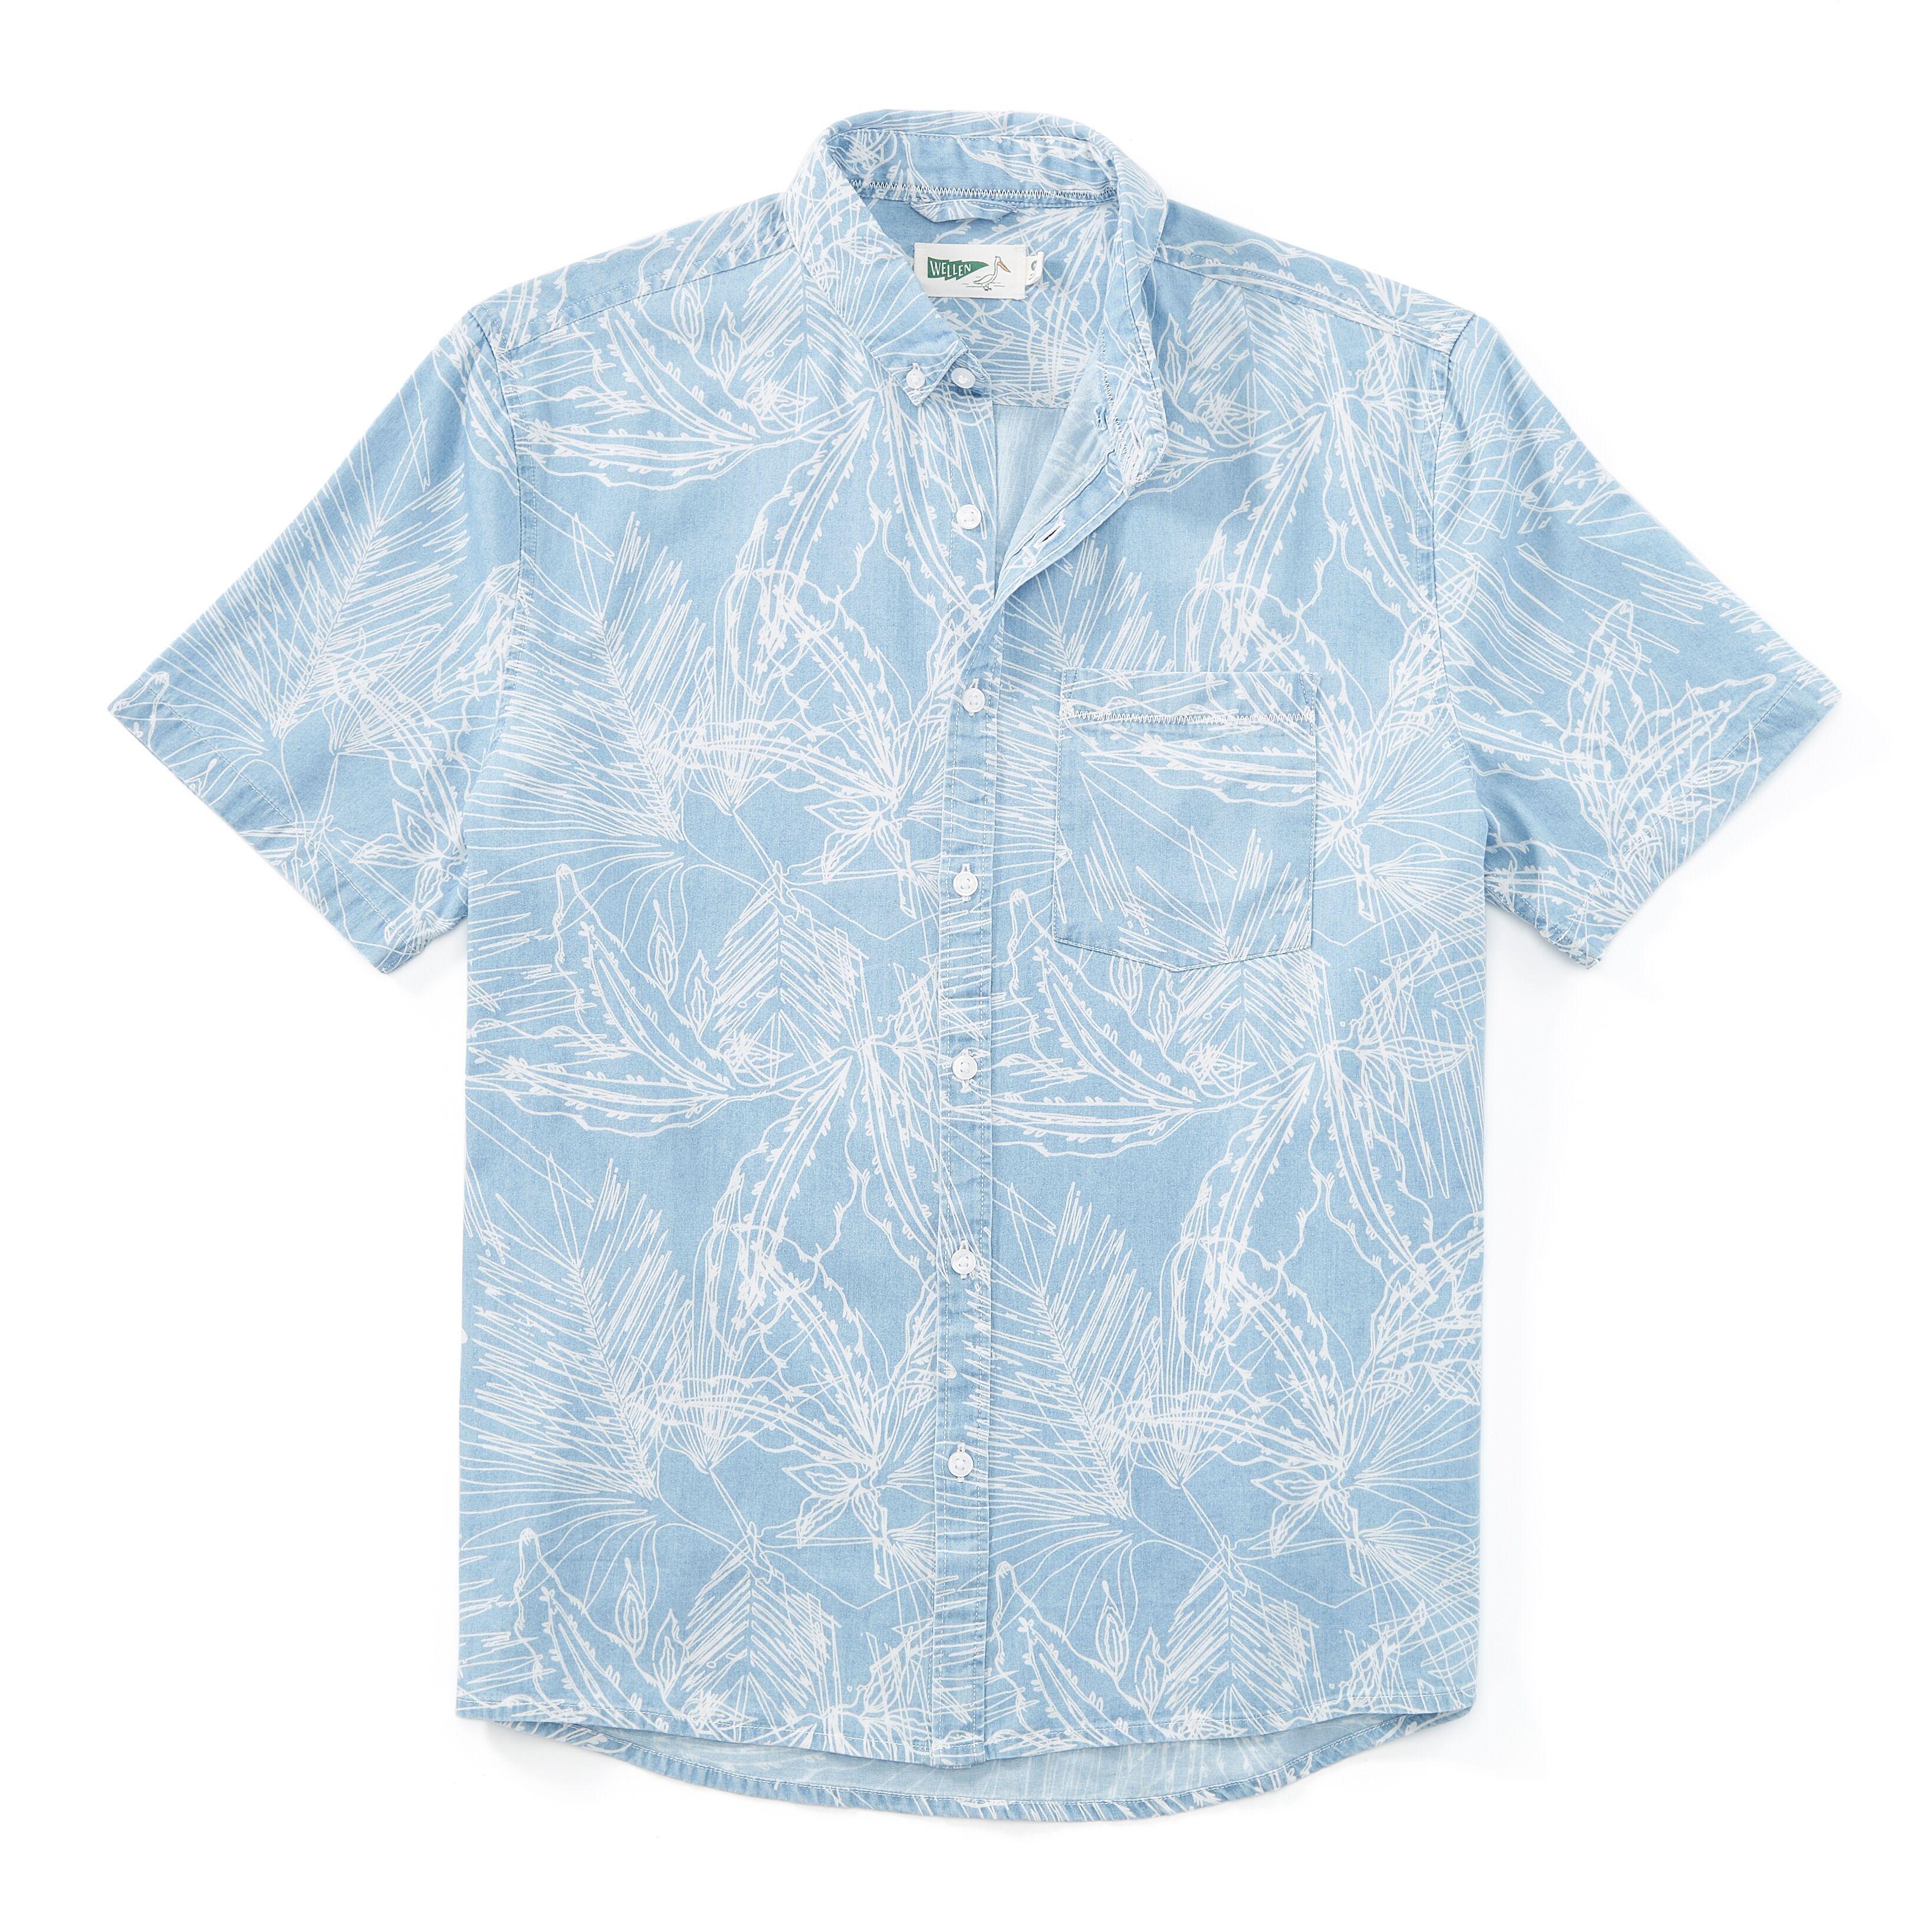 Wellen Printed Short Sleeve Shirt